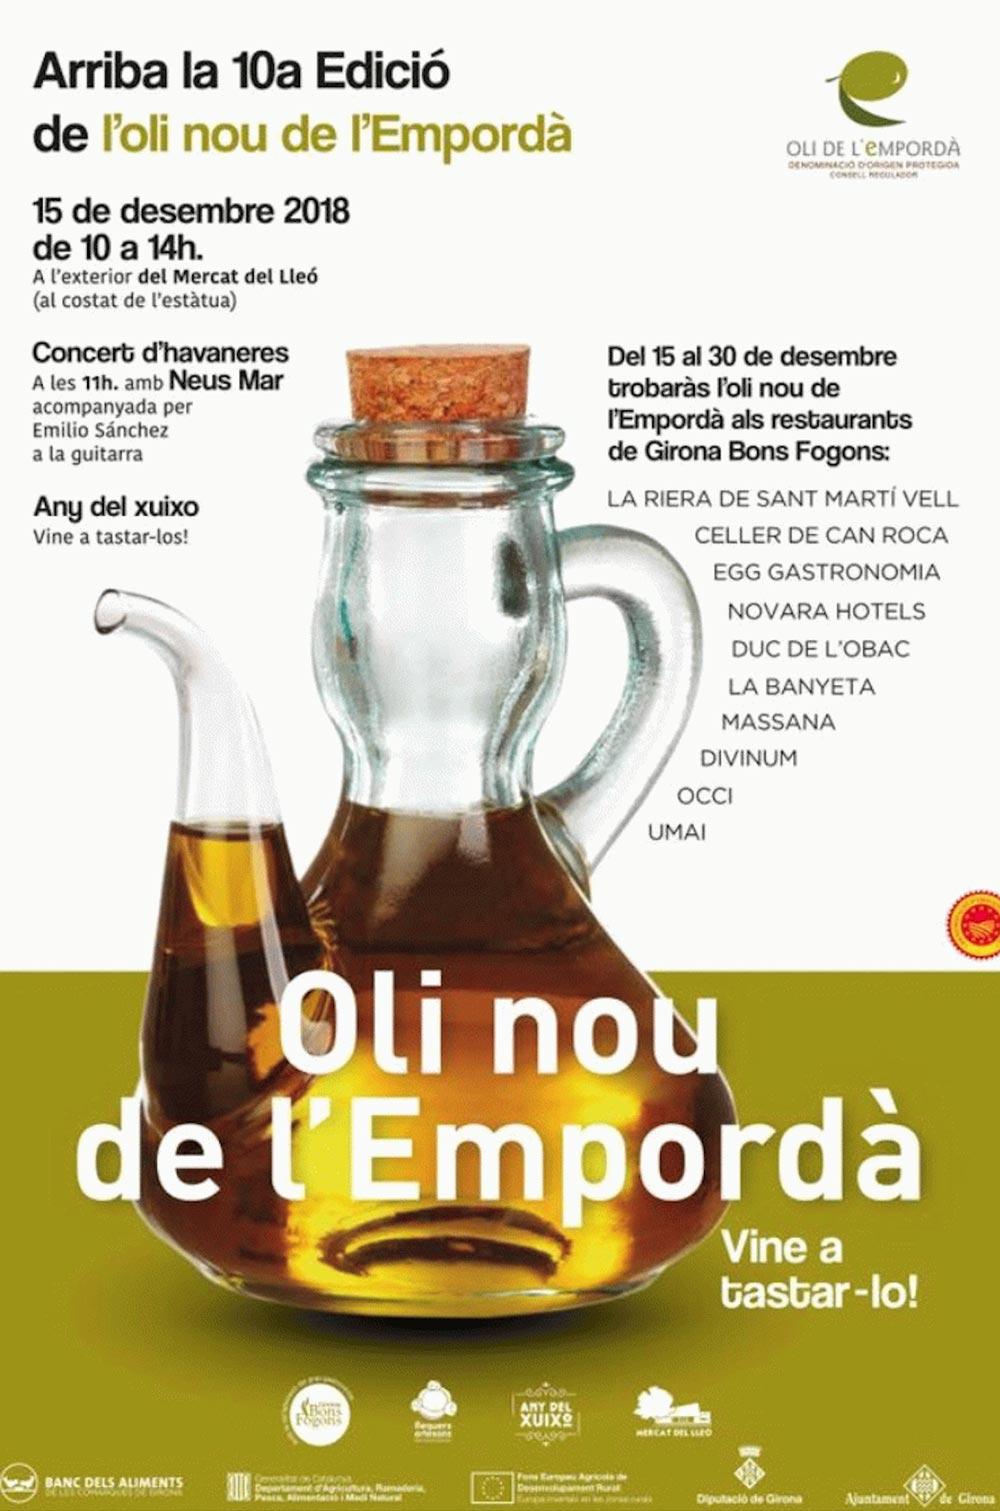 Arriba la 10ena edició de l'oli nou de l'Empordà